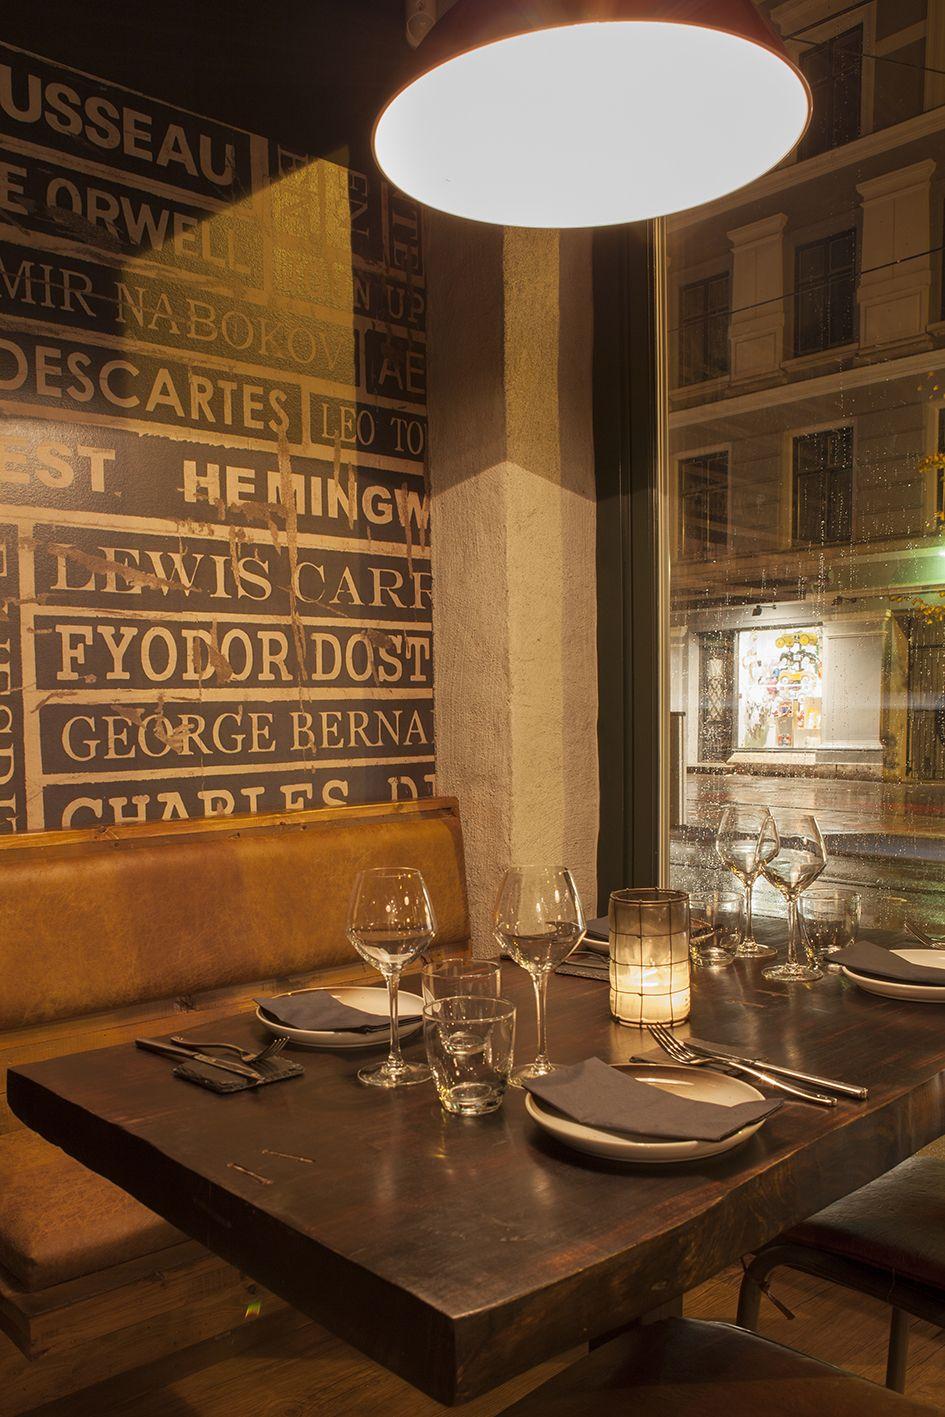 Fotos Mesas Sillas Y Decoraaci N En Bar De Tapas Escal N  # Muebles Tienda Segunda Mano